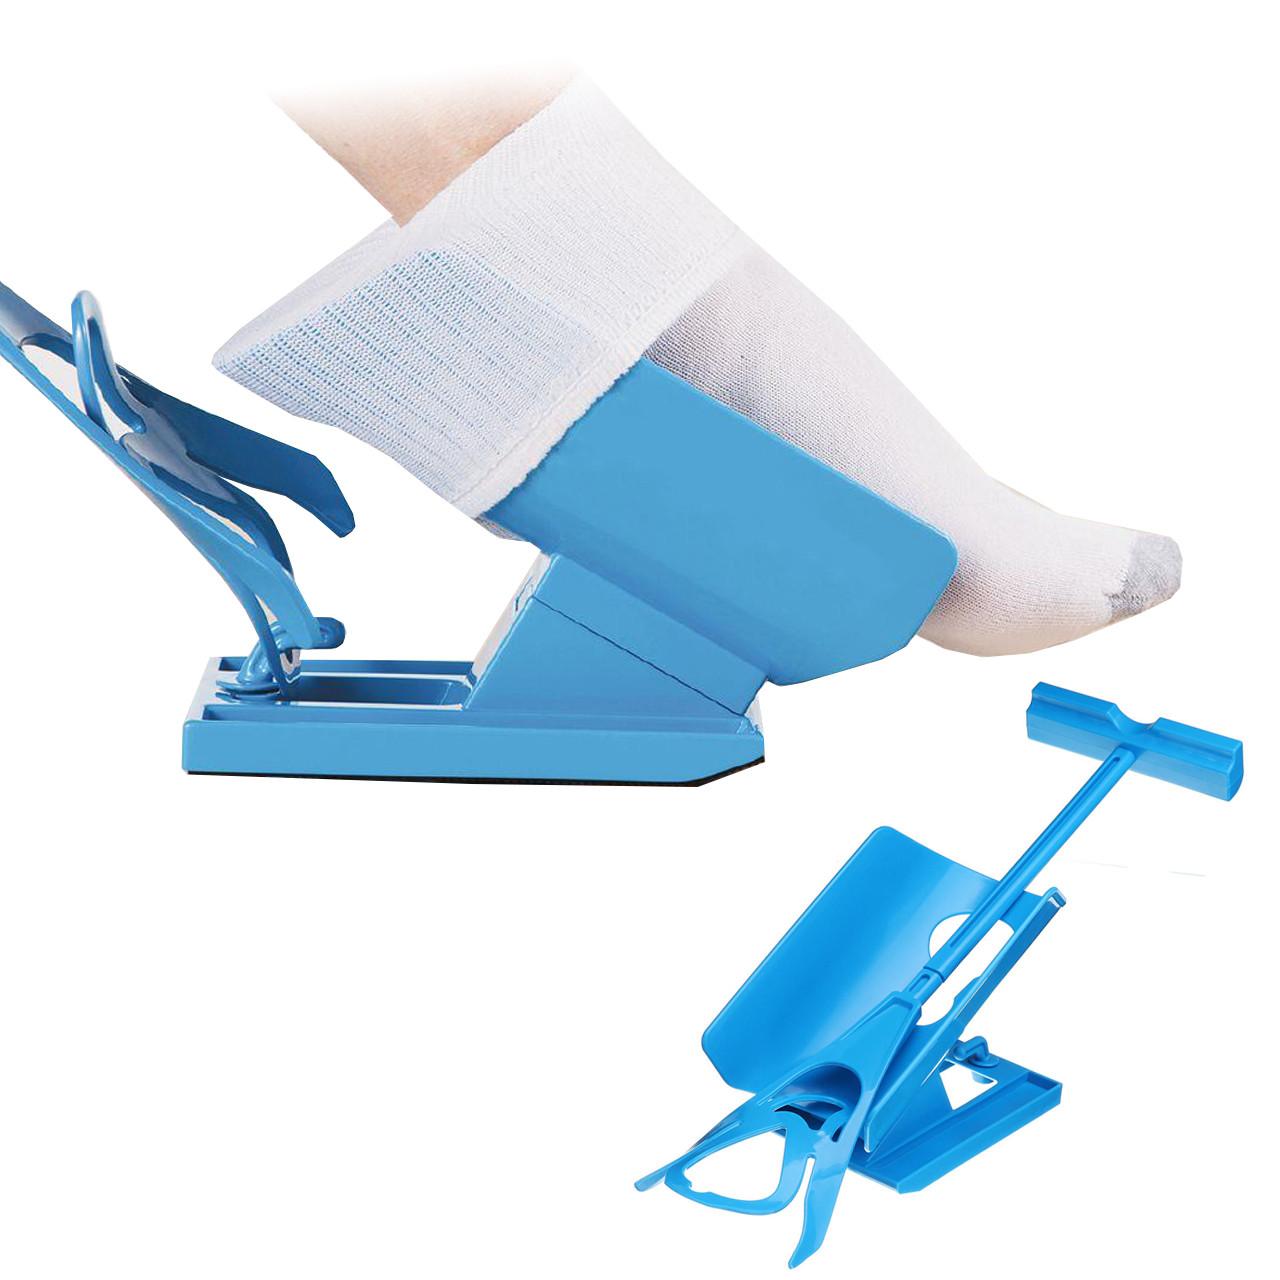 Одевайка Sock Slider для надевания носков приспособление беременным и людям с заболеваниями спины ХИТ